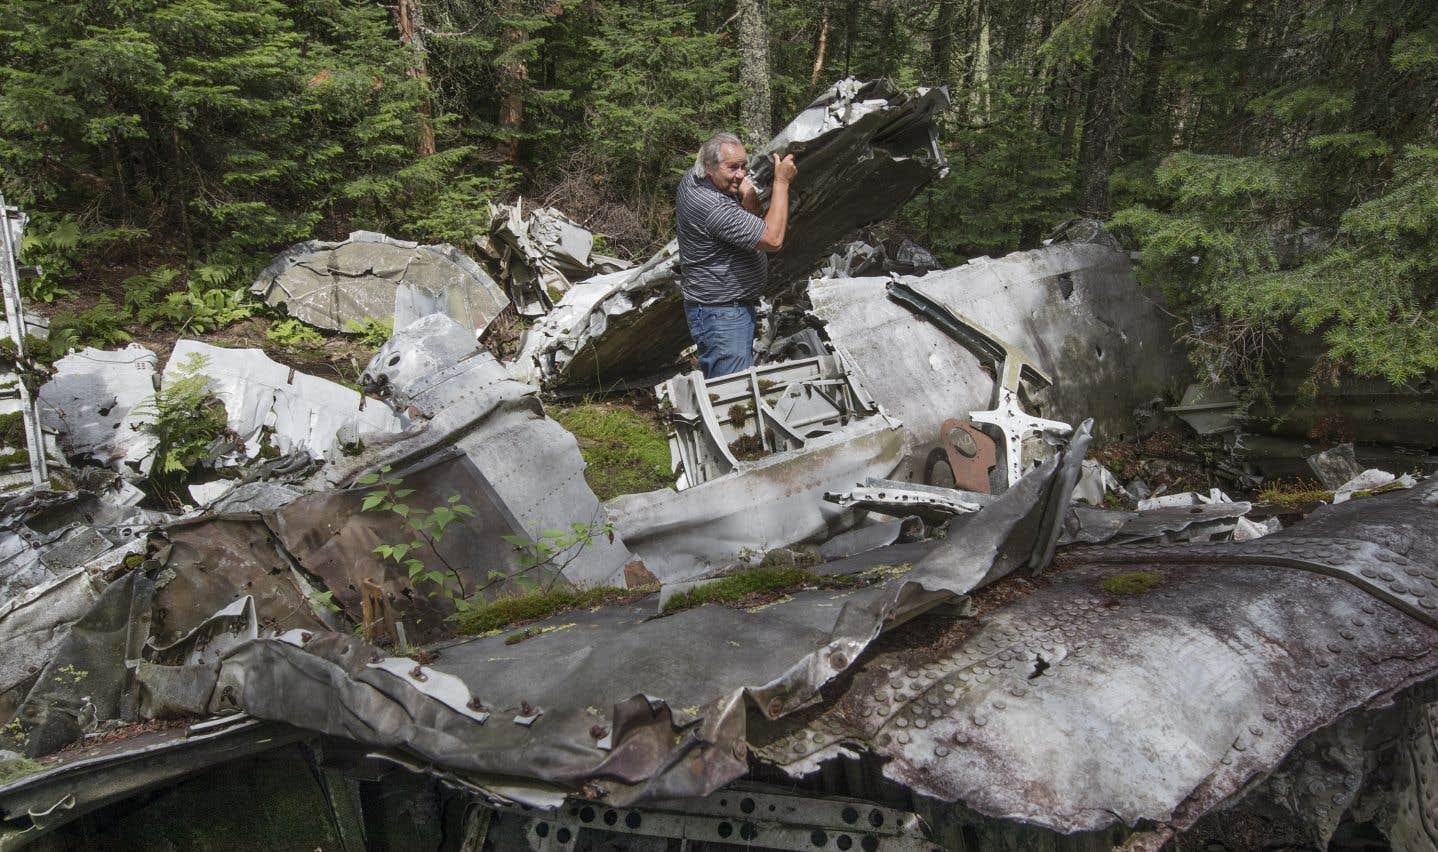 André Lapointe se tient au milieu des débris du bombardier Liberator B-24 qui s'est écrasé sur la montagne Noire en 1943.